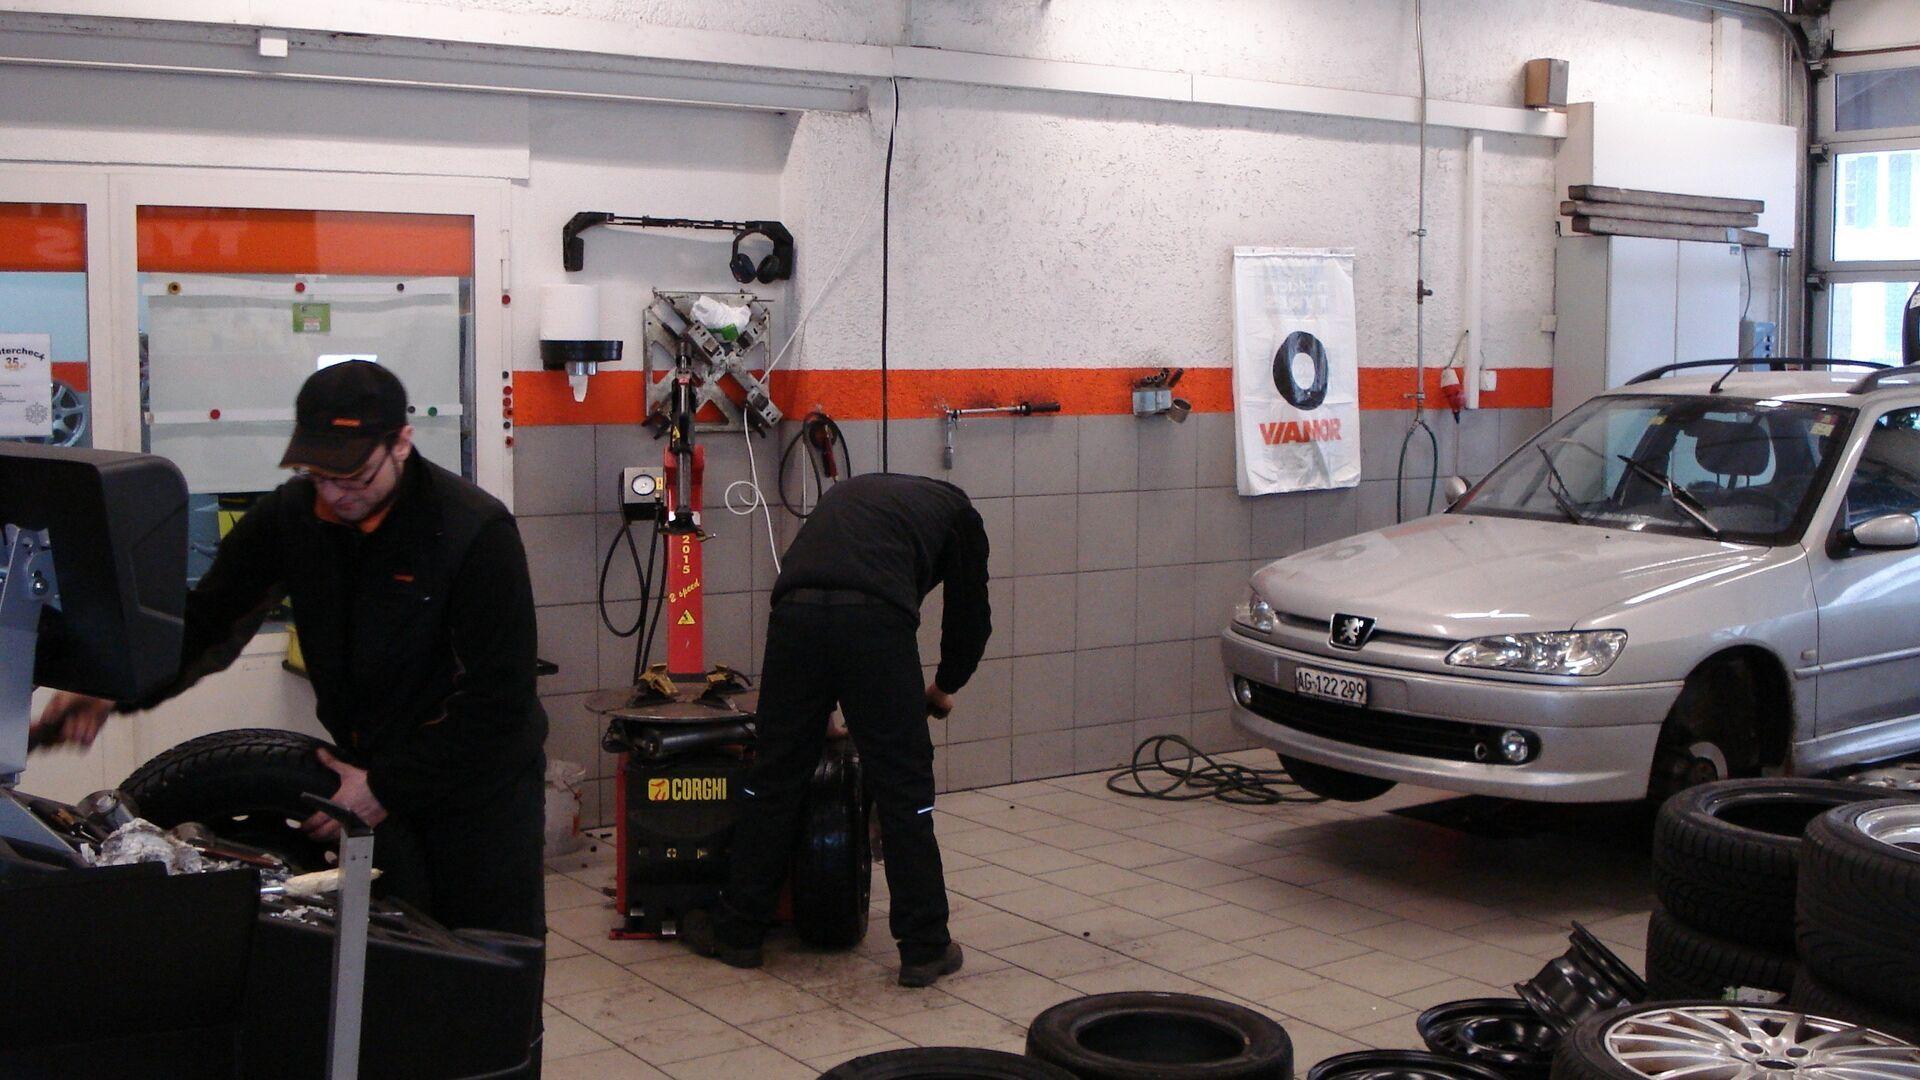 Расширенная гарантия от Nokian Tyres предполагает бесплатный ремонт или замену повреждённой шины в течении года с дня покупки шин в шинном центре Vianor